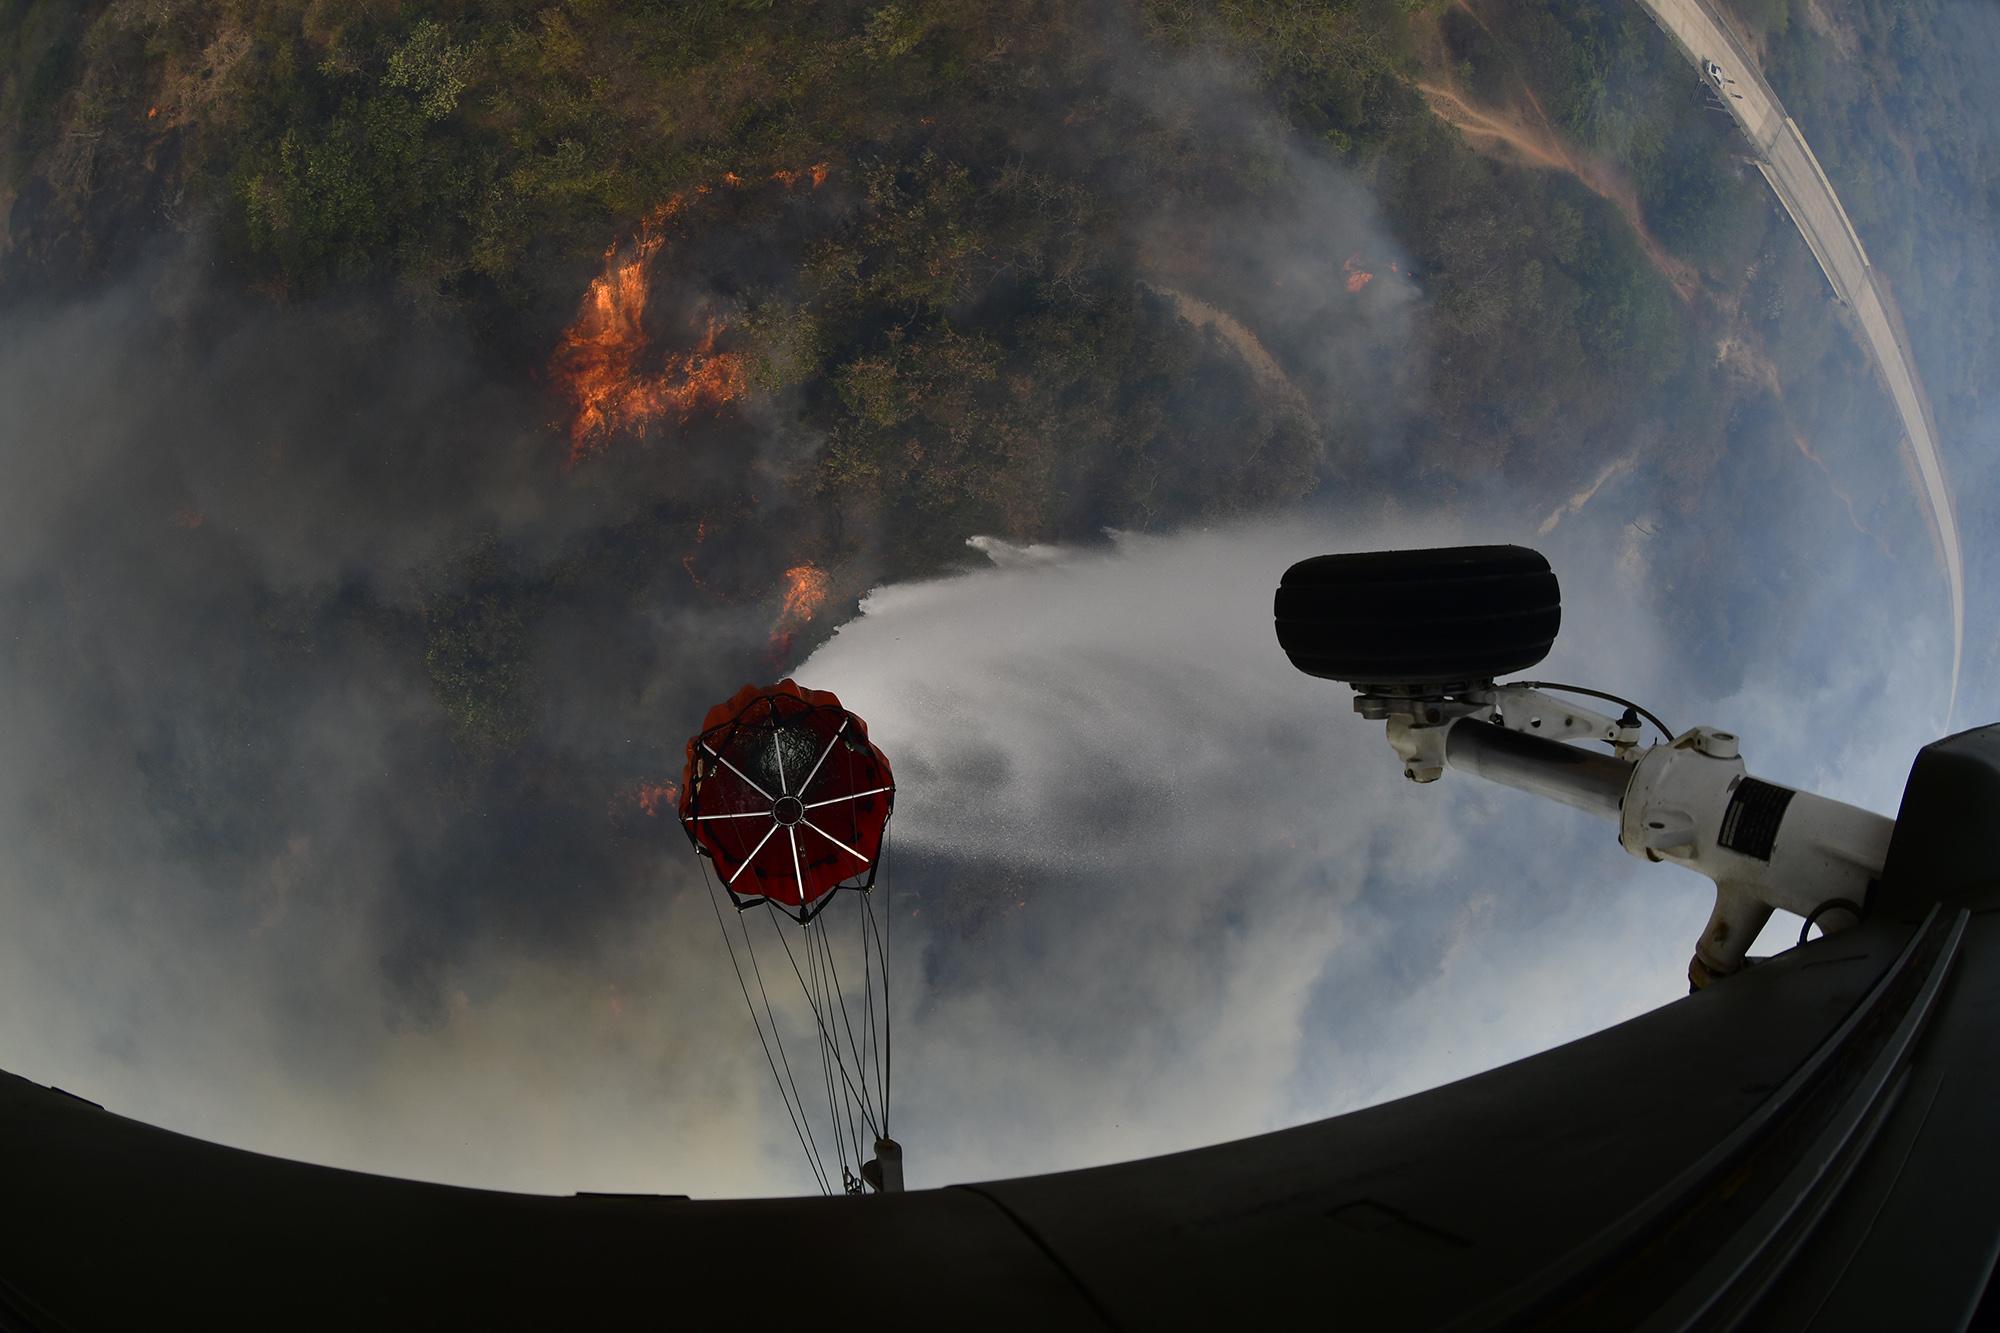 Helicóptero militar despeja água de bolsa para tentar apagar queimadas na região de Roboré. na Bolívia. Foto de Carlos Orias B